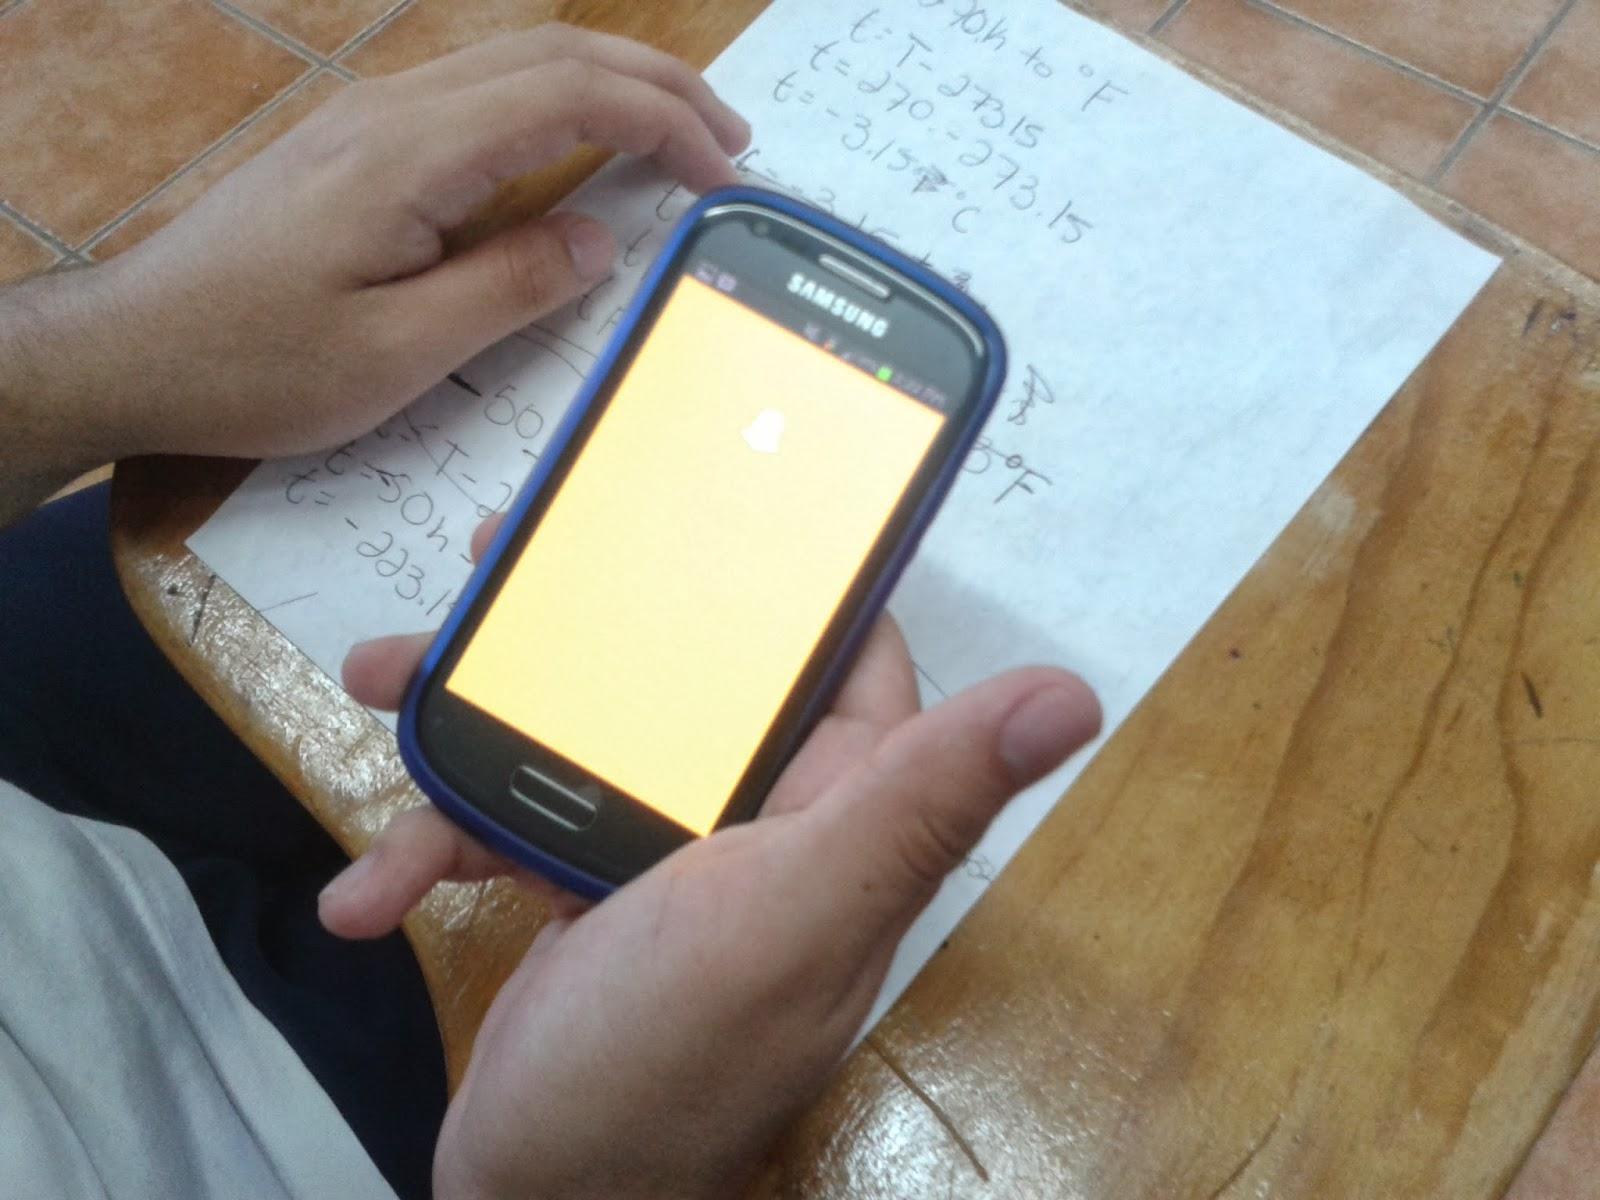 13033: Πώς θα λαμβάνεται η άδεια κυκλοφορίας από το κινητό μέσω δωρεάν sms